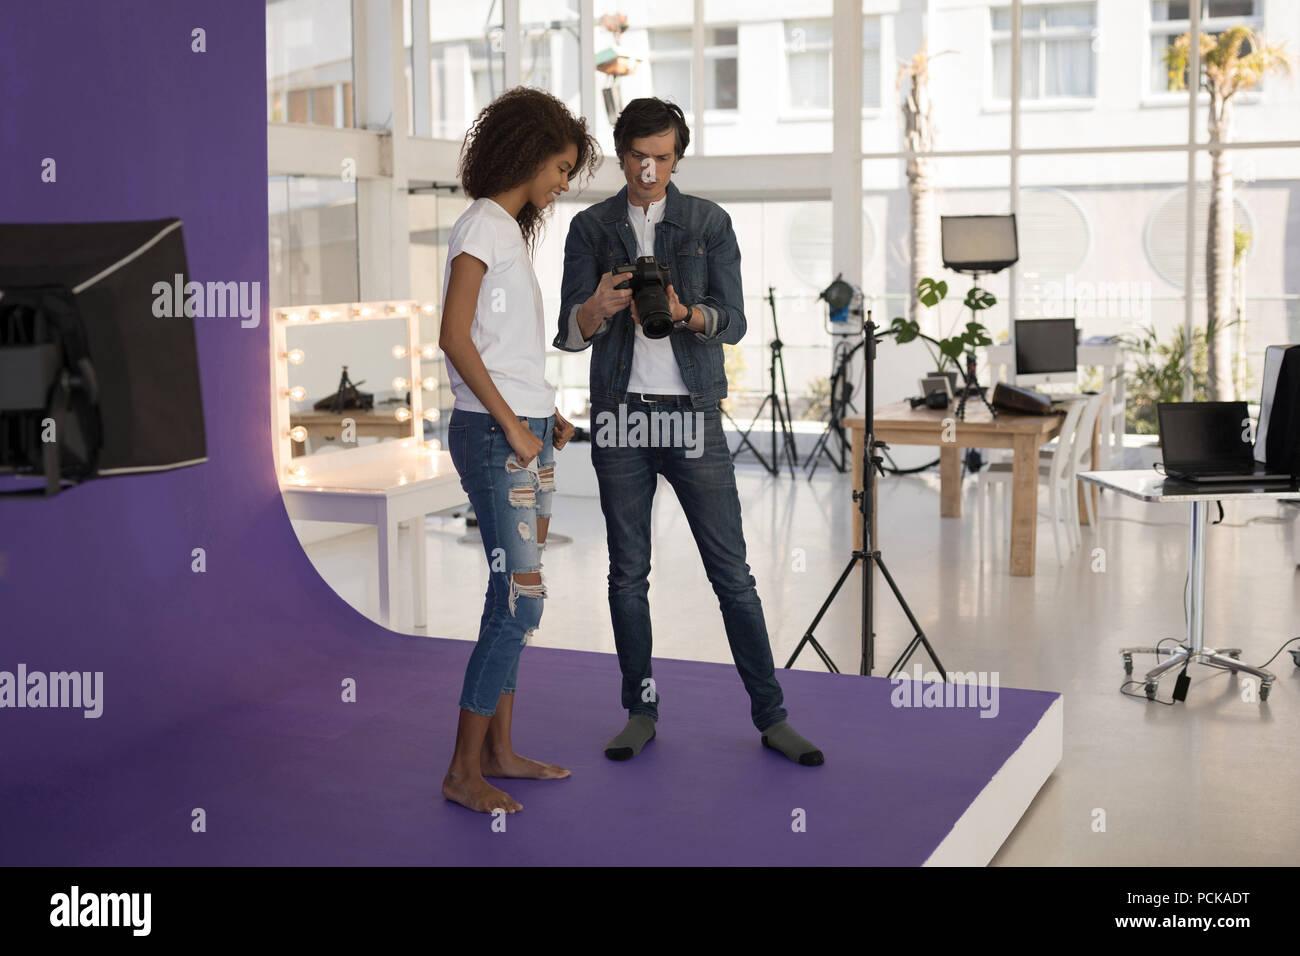 Photos de photographe montrant fashion model sur appareil photo numérique Photo Stock